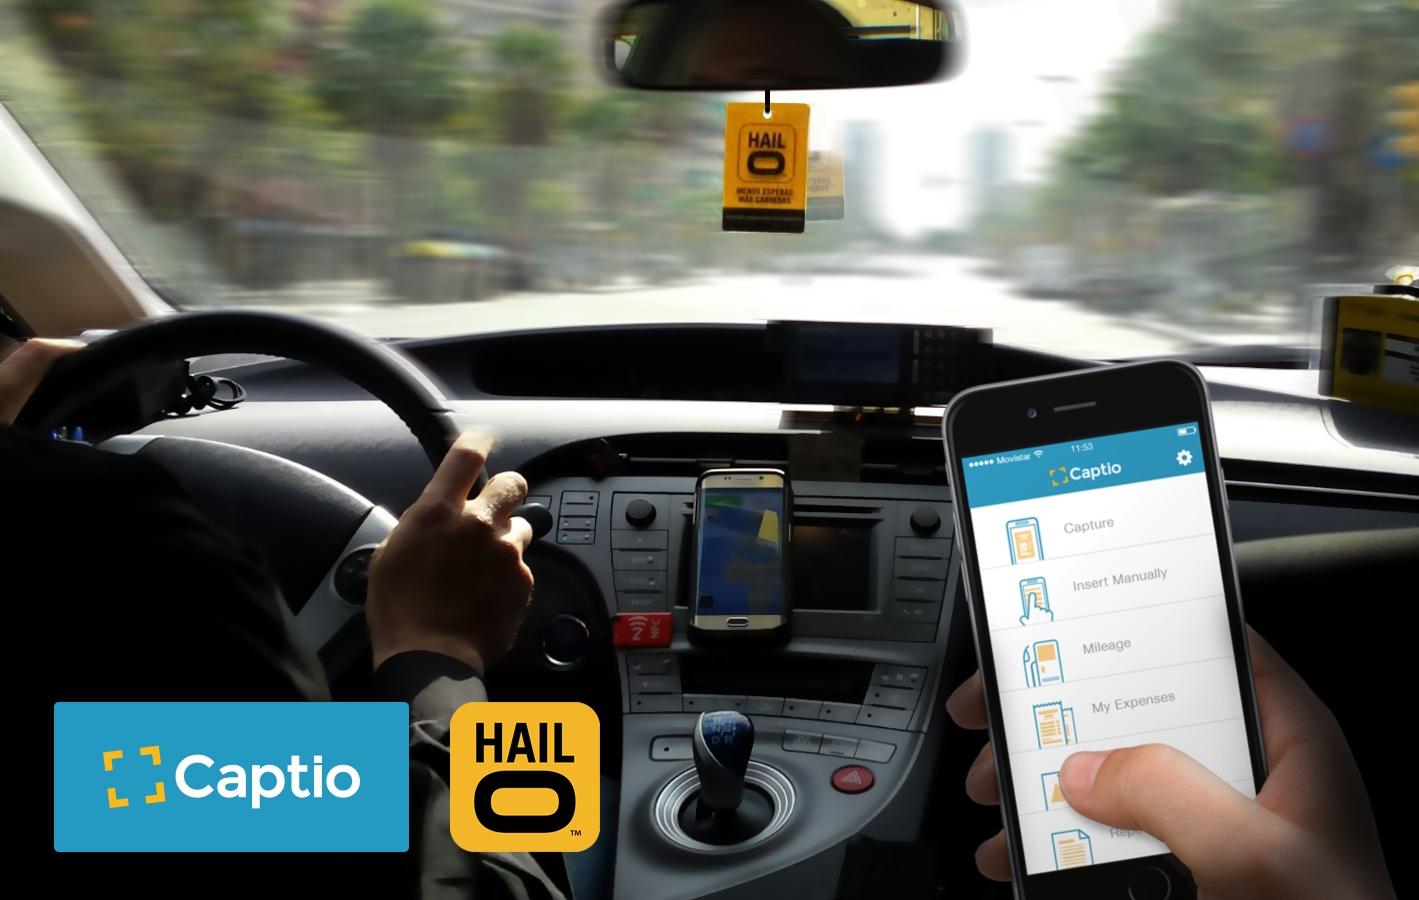 Tu taxi en Captio con Hailo